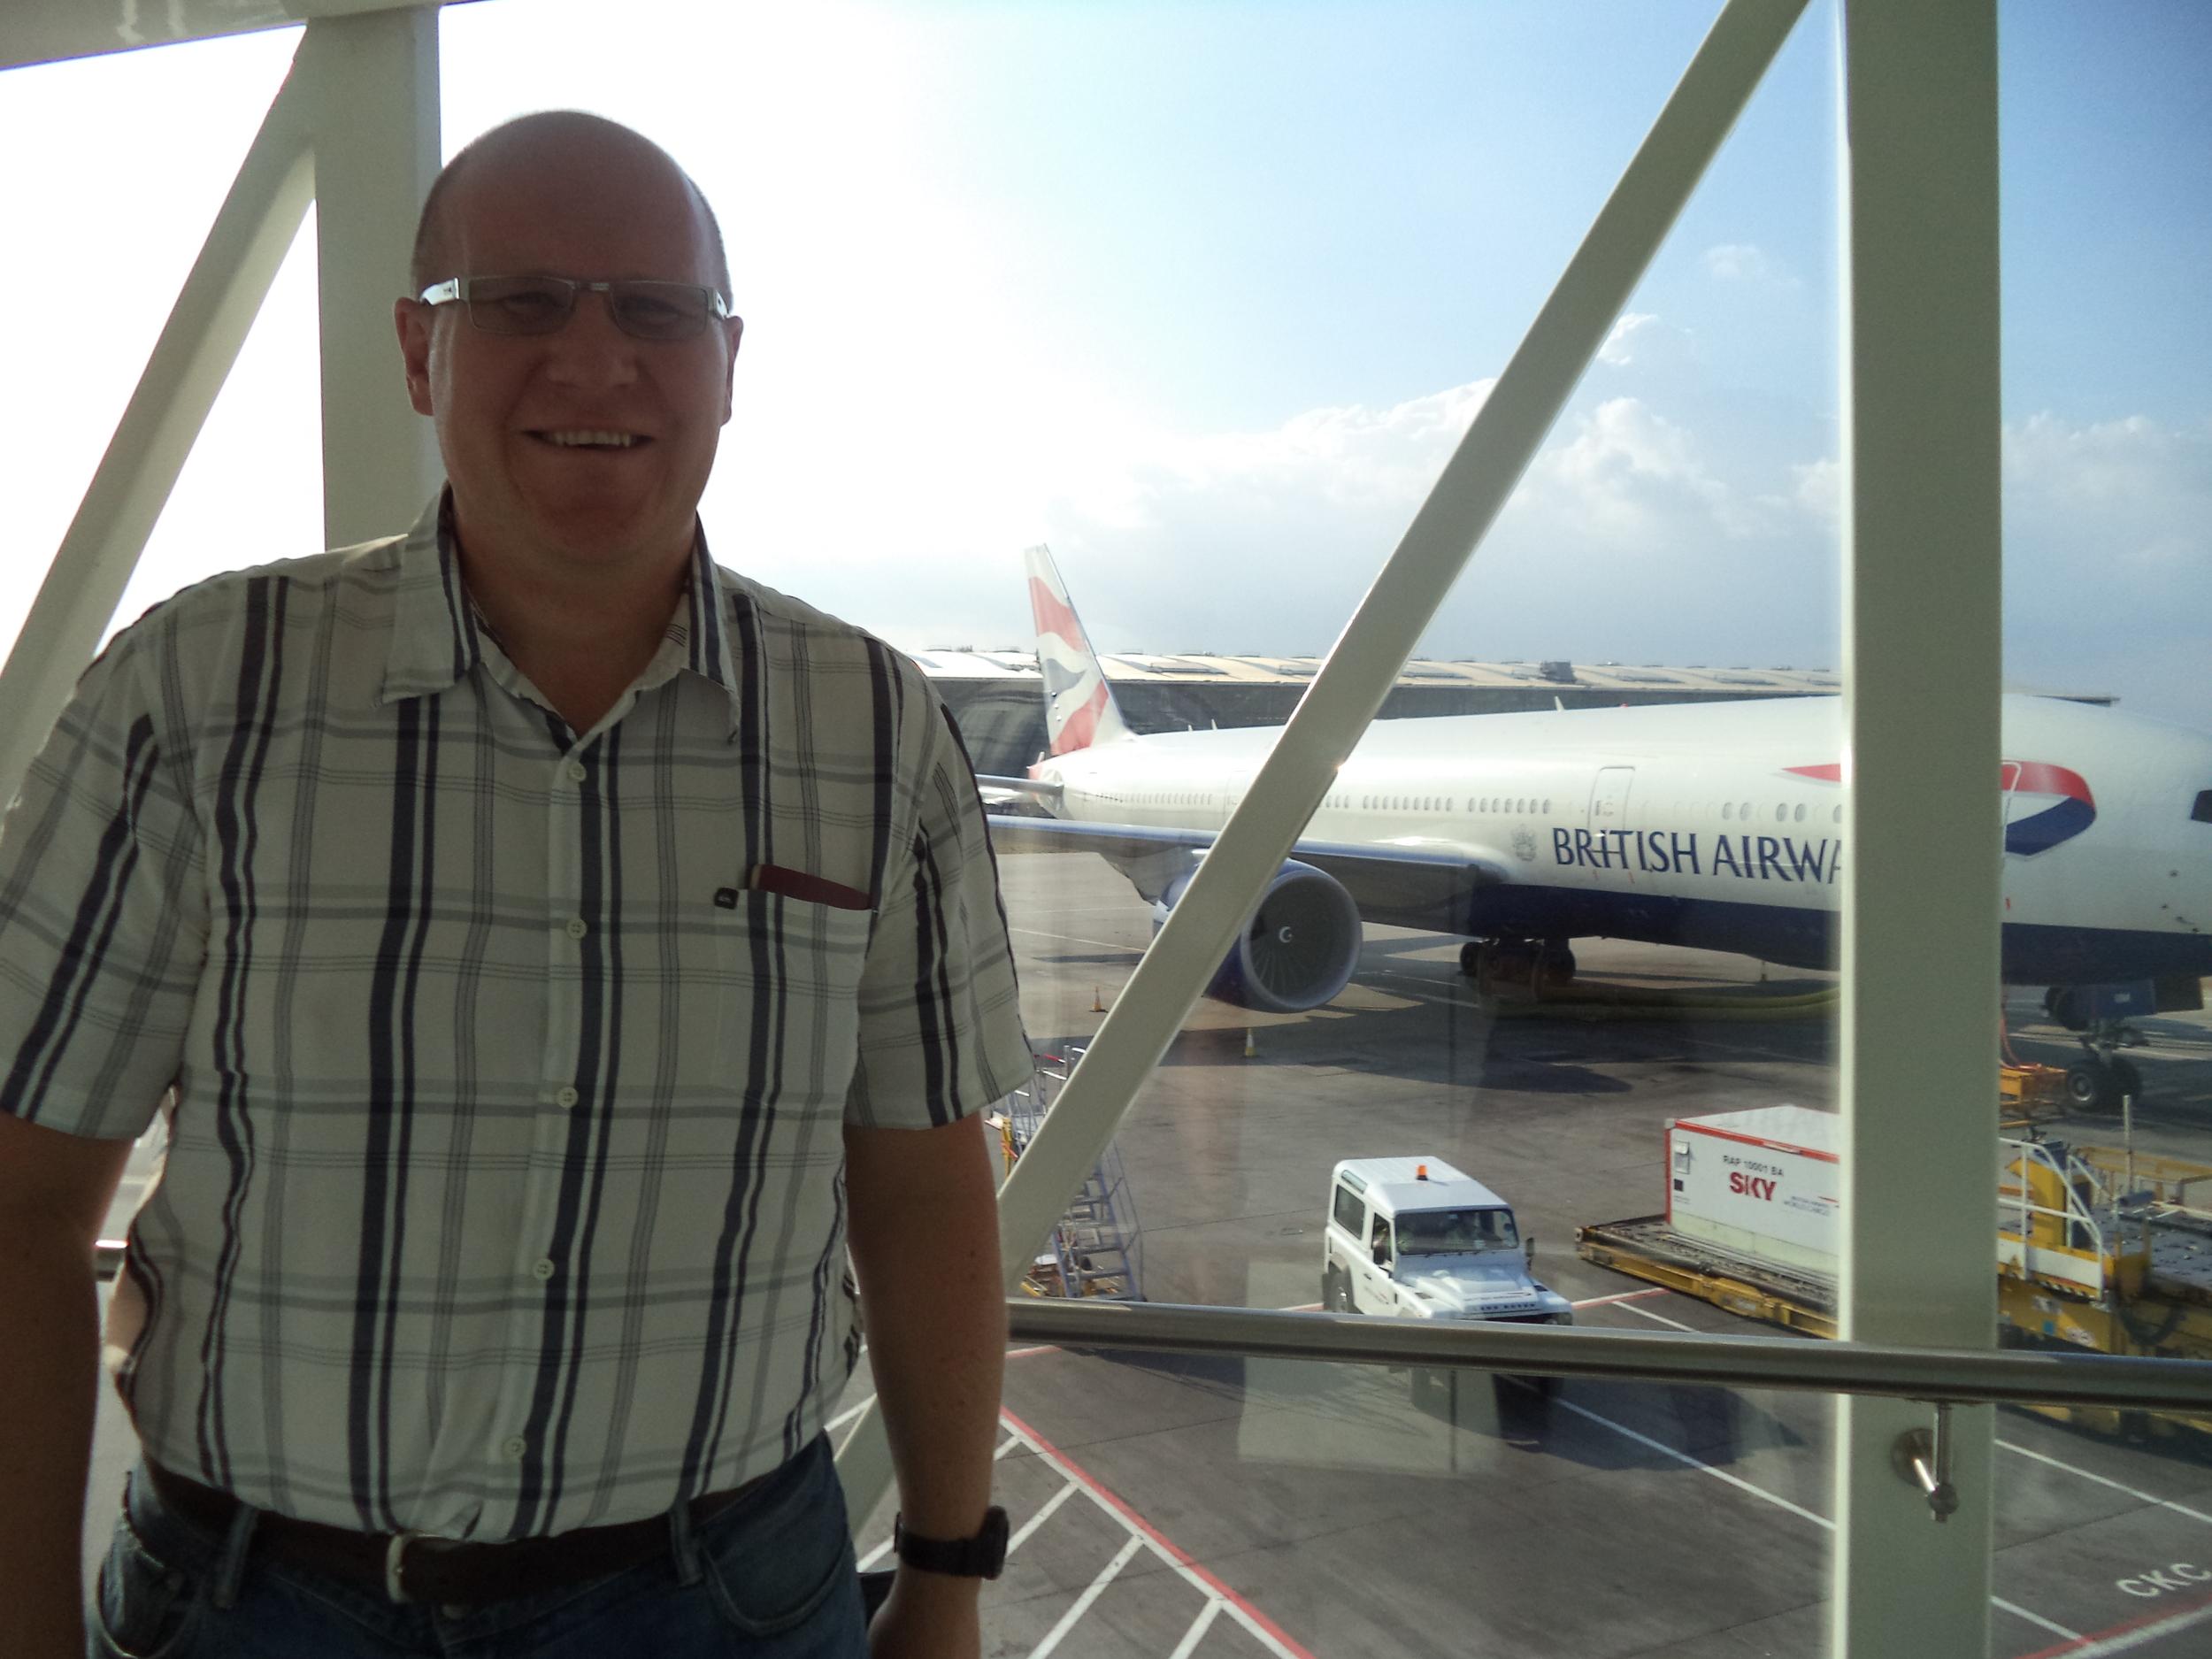 Dan at Heathrow